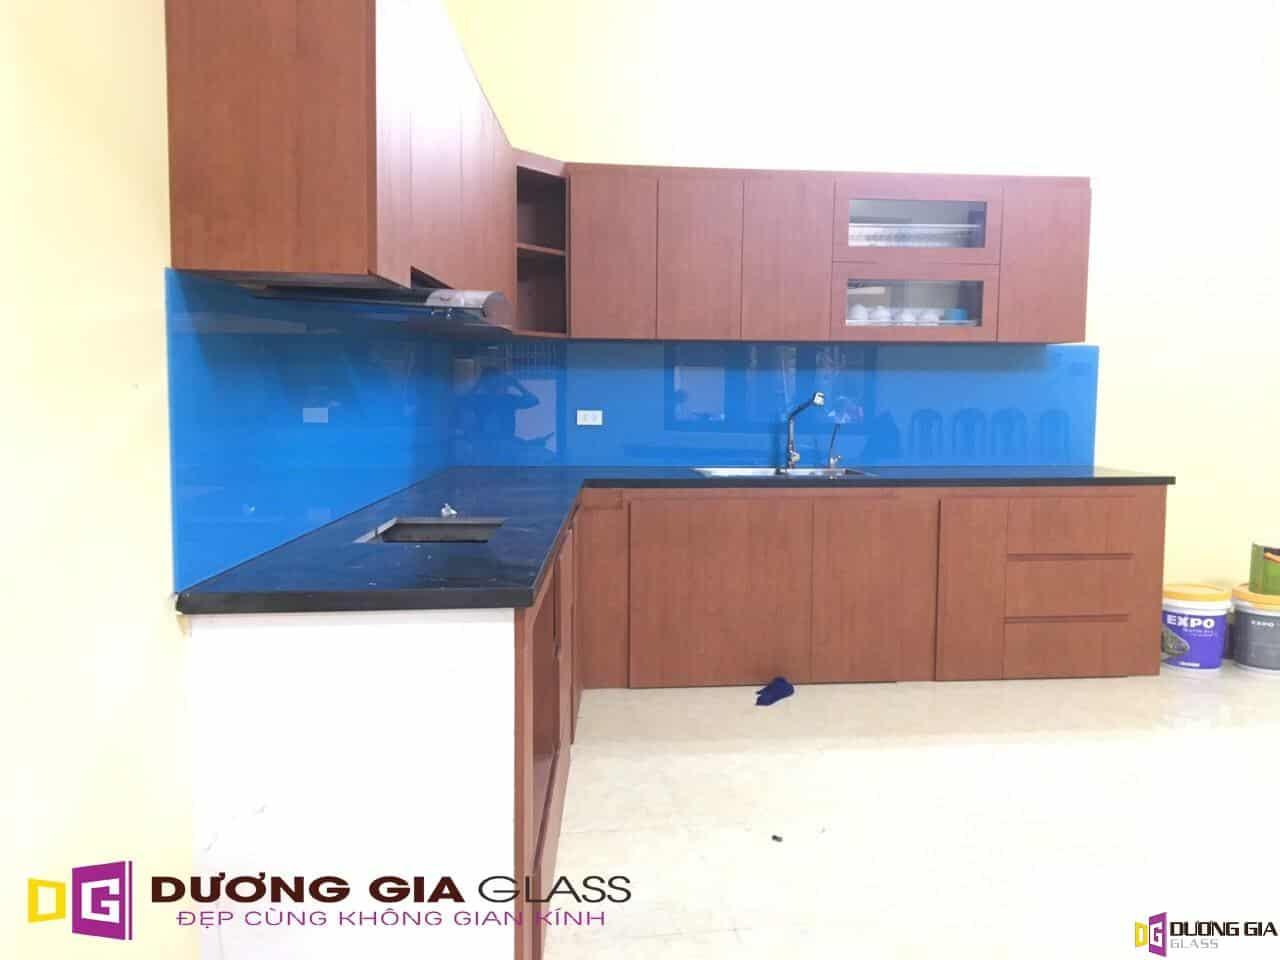 Kính ốp bếp màu xanh dương mẫu 3